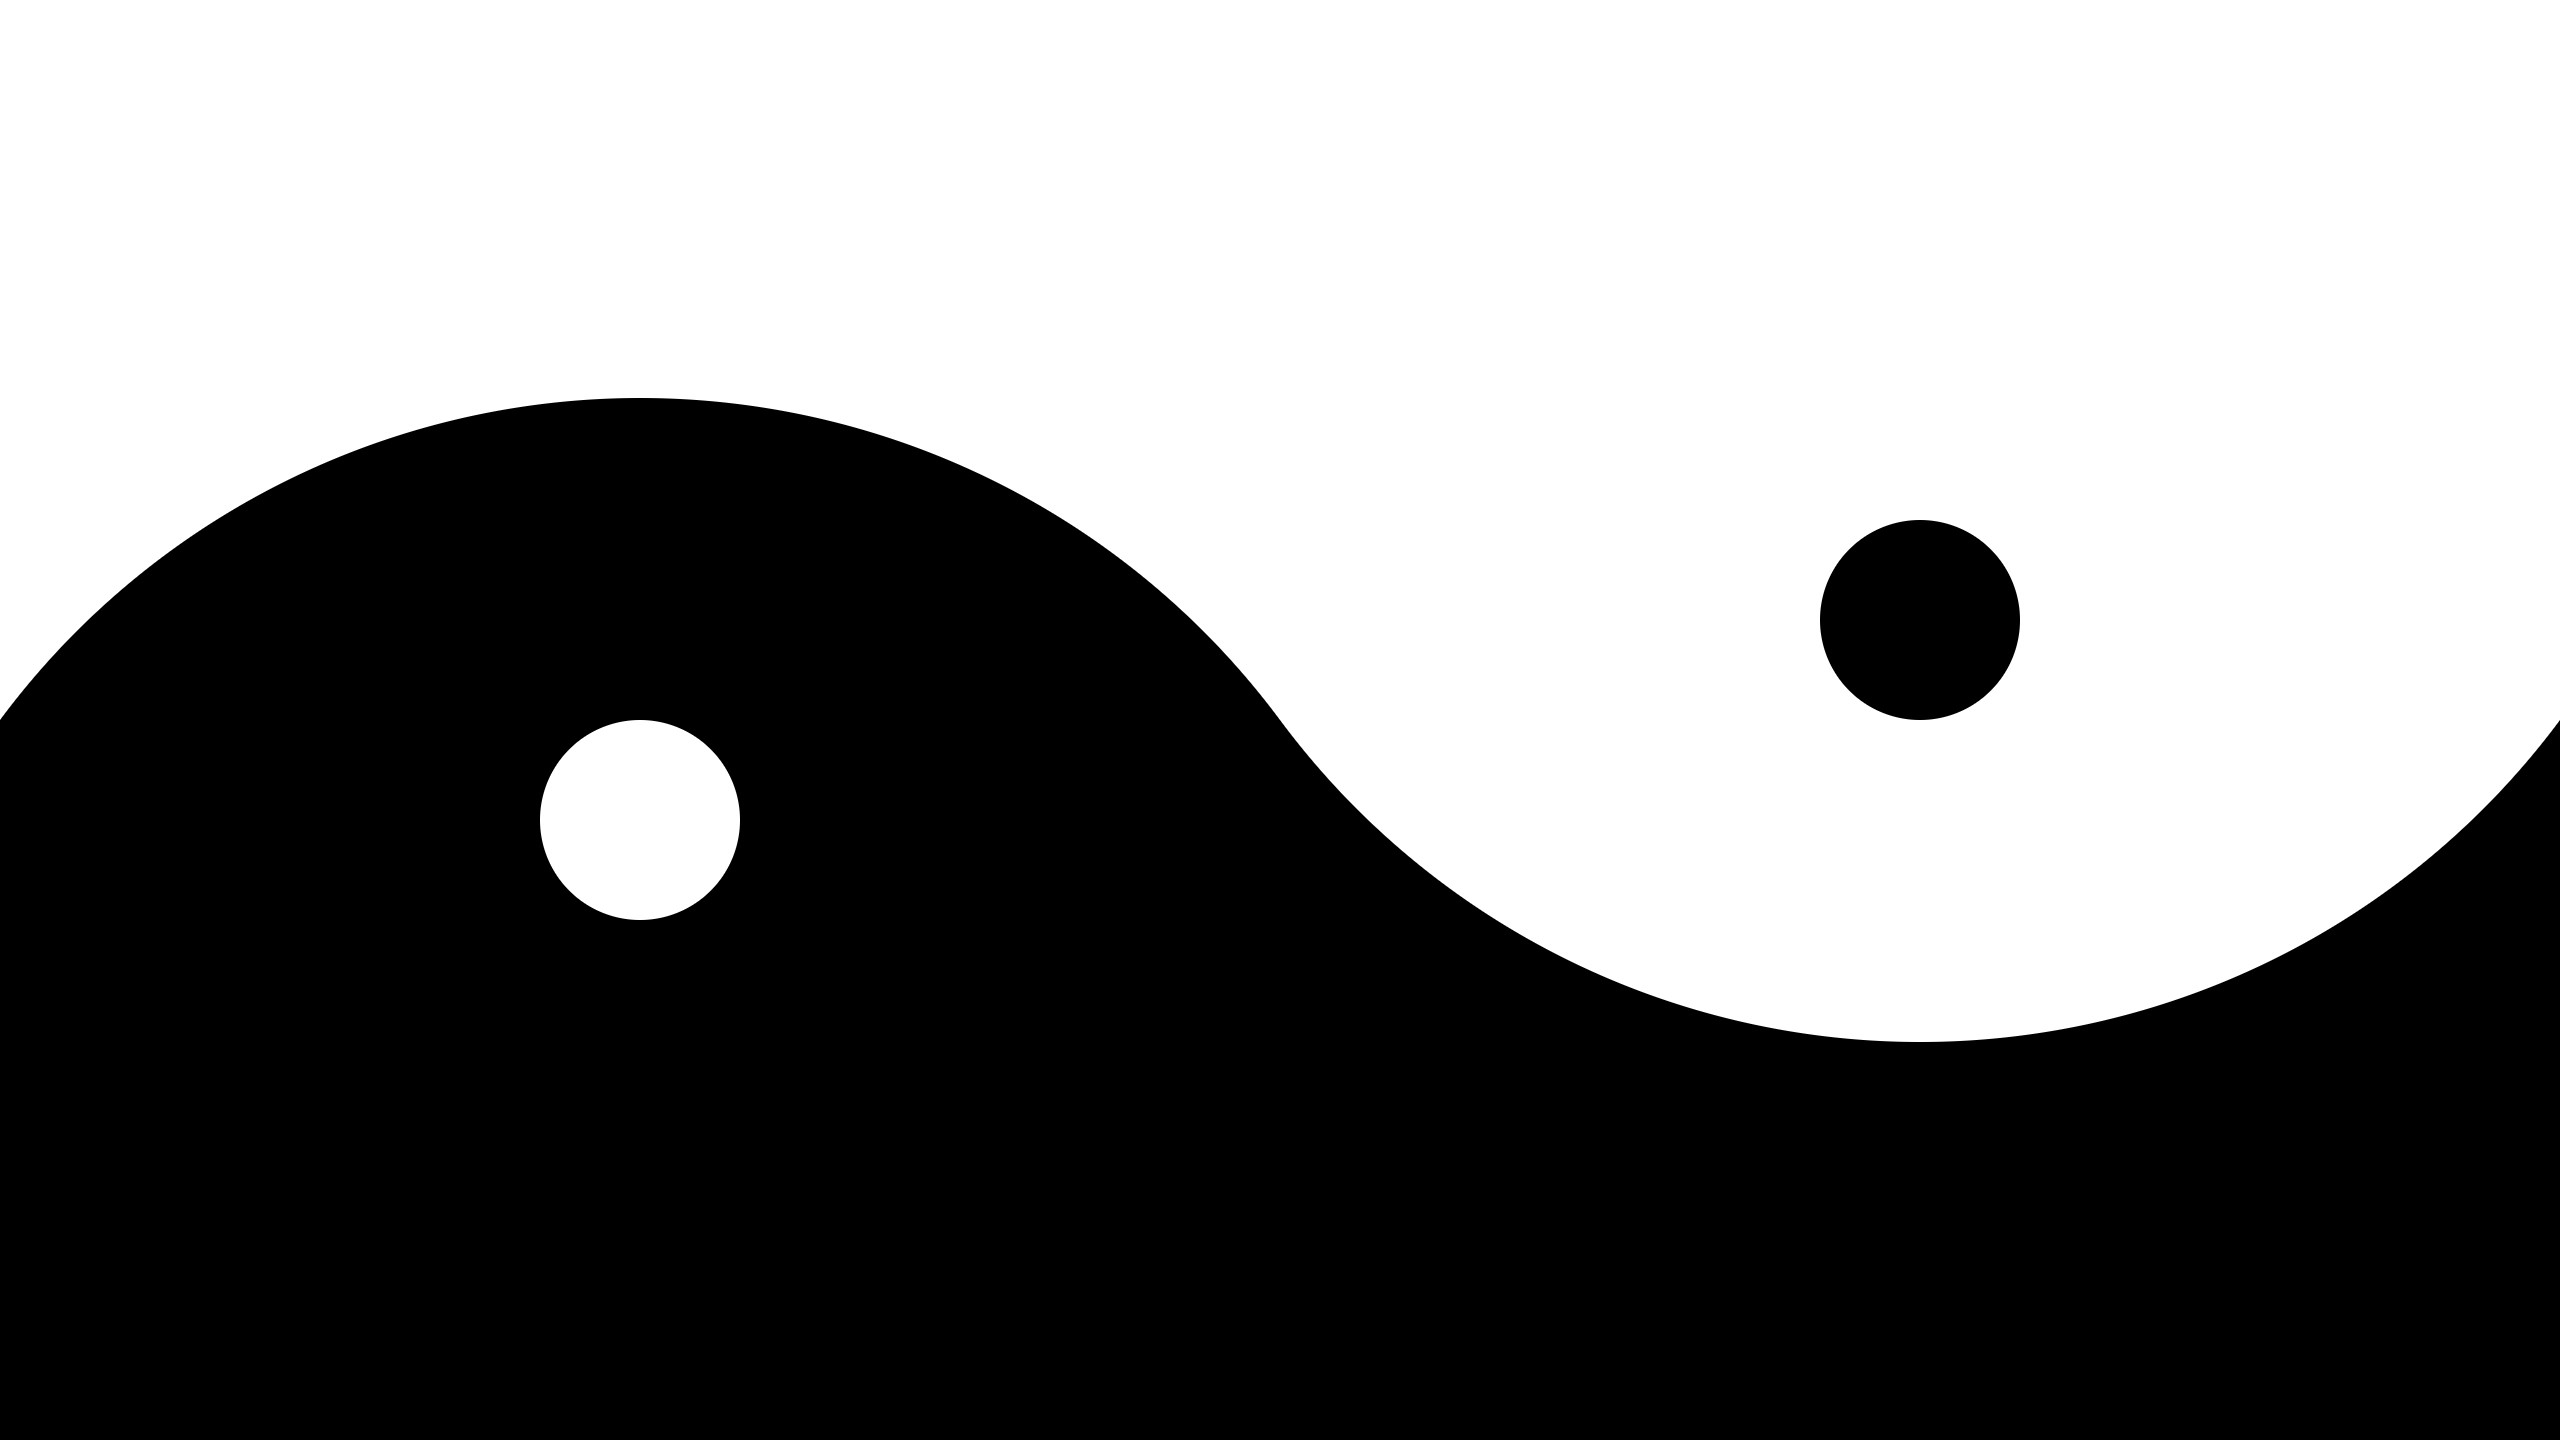 yin yang Wallpaper HD